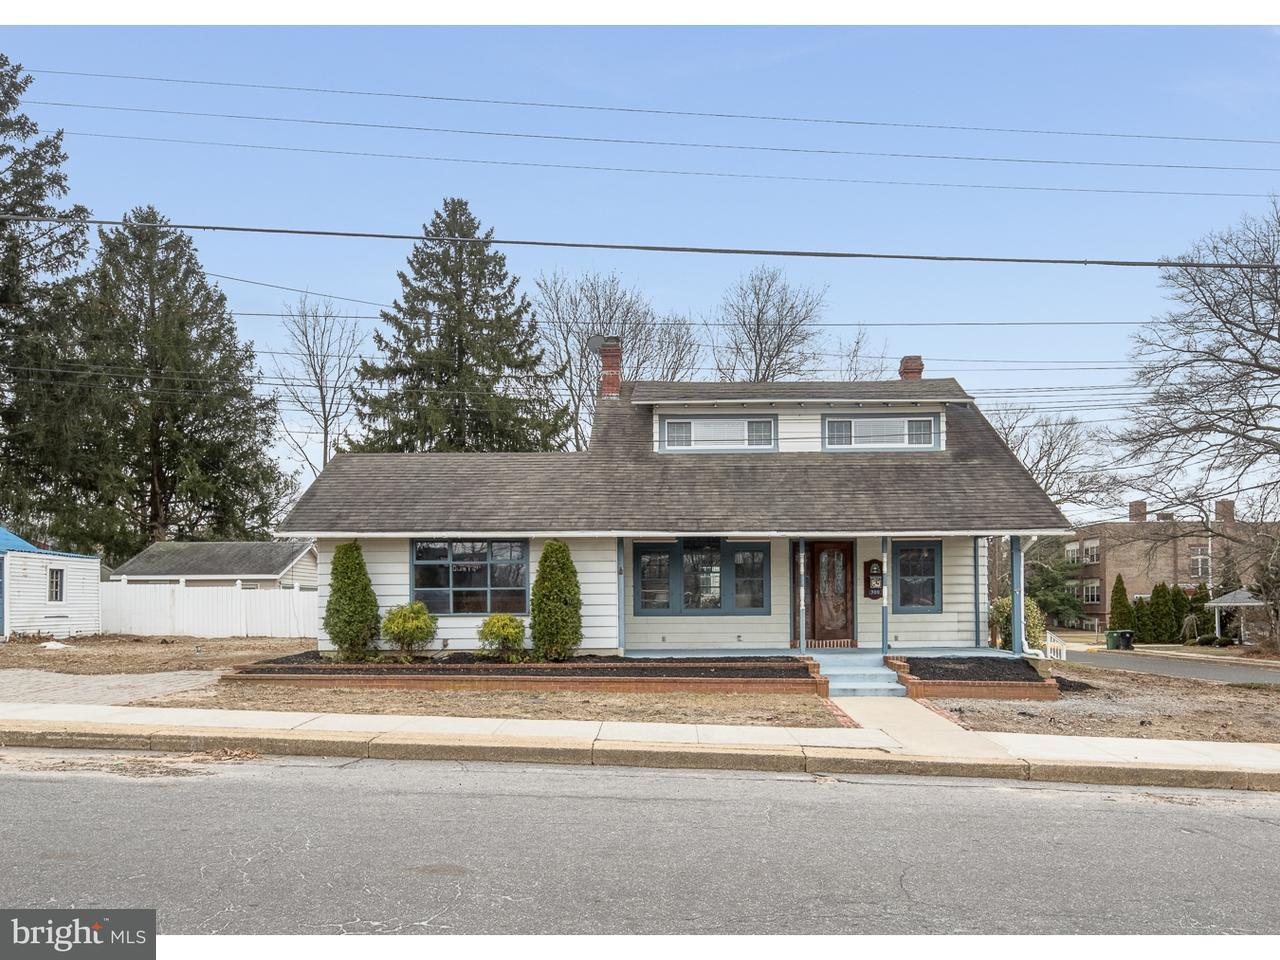 Casa Unifamiliar por un Alquiler en 300 LINCOLN Avenue Pitman, Nueva Jersey 08071 Estados Unidos